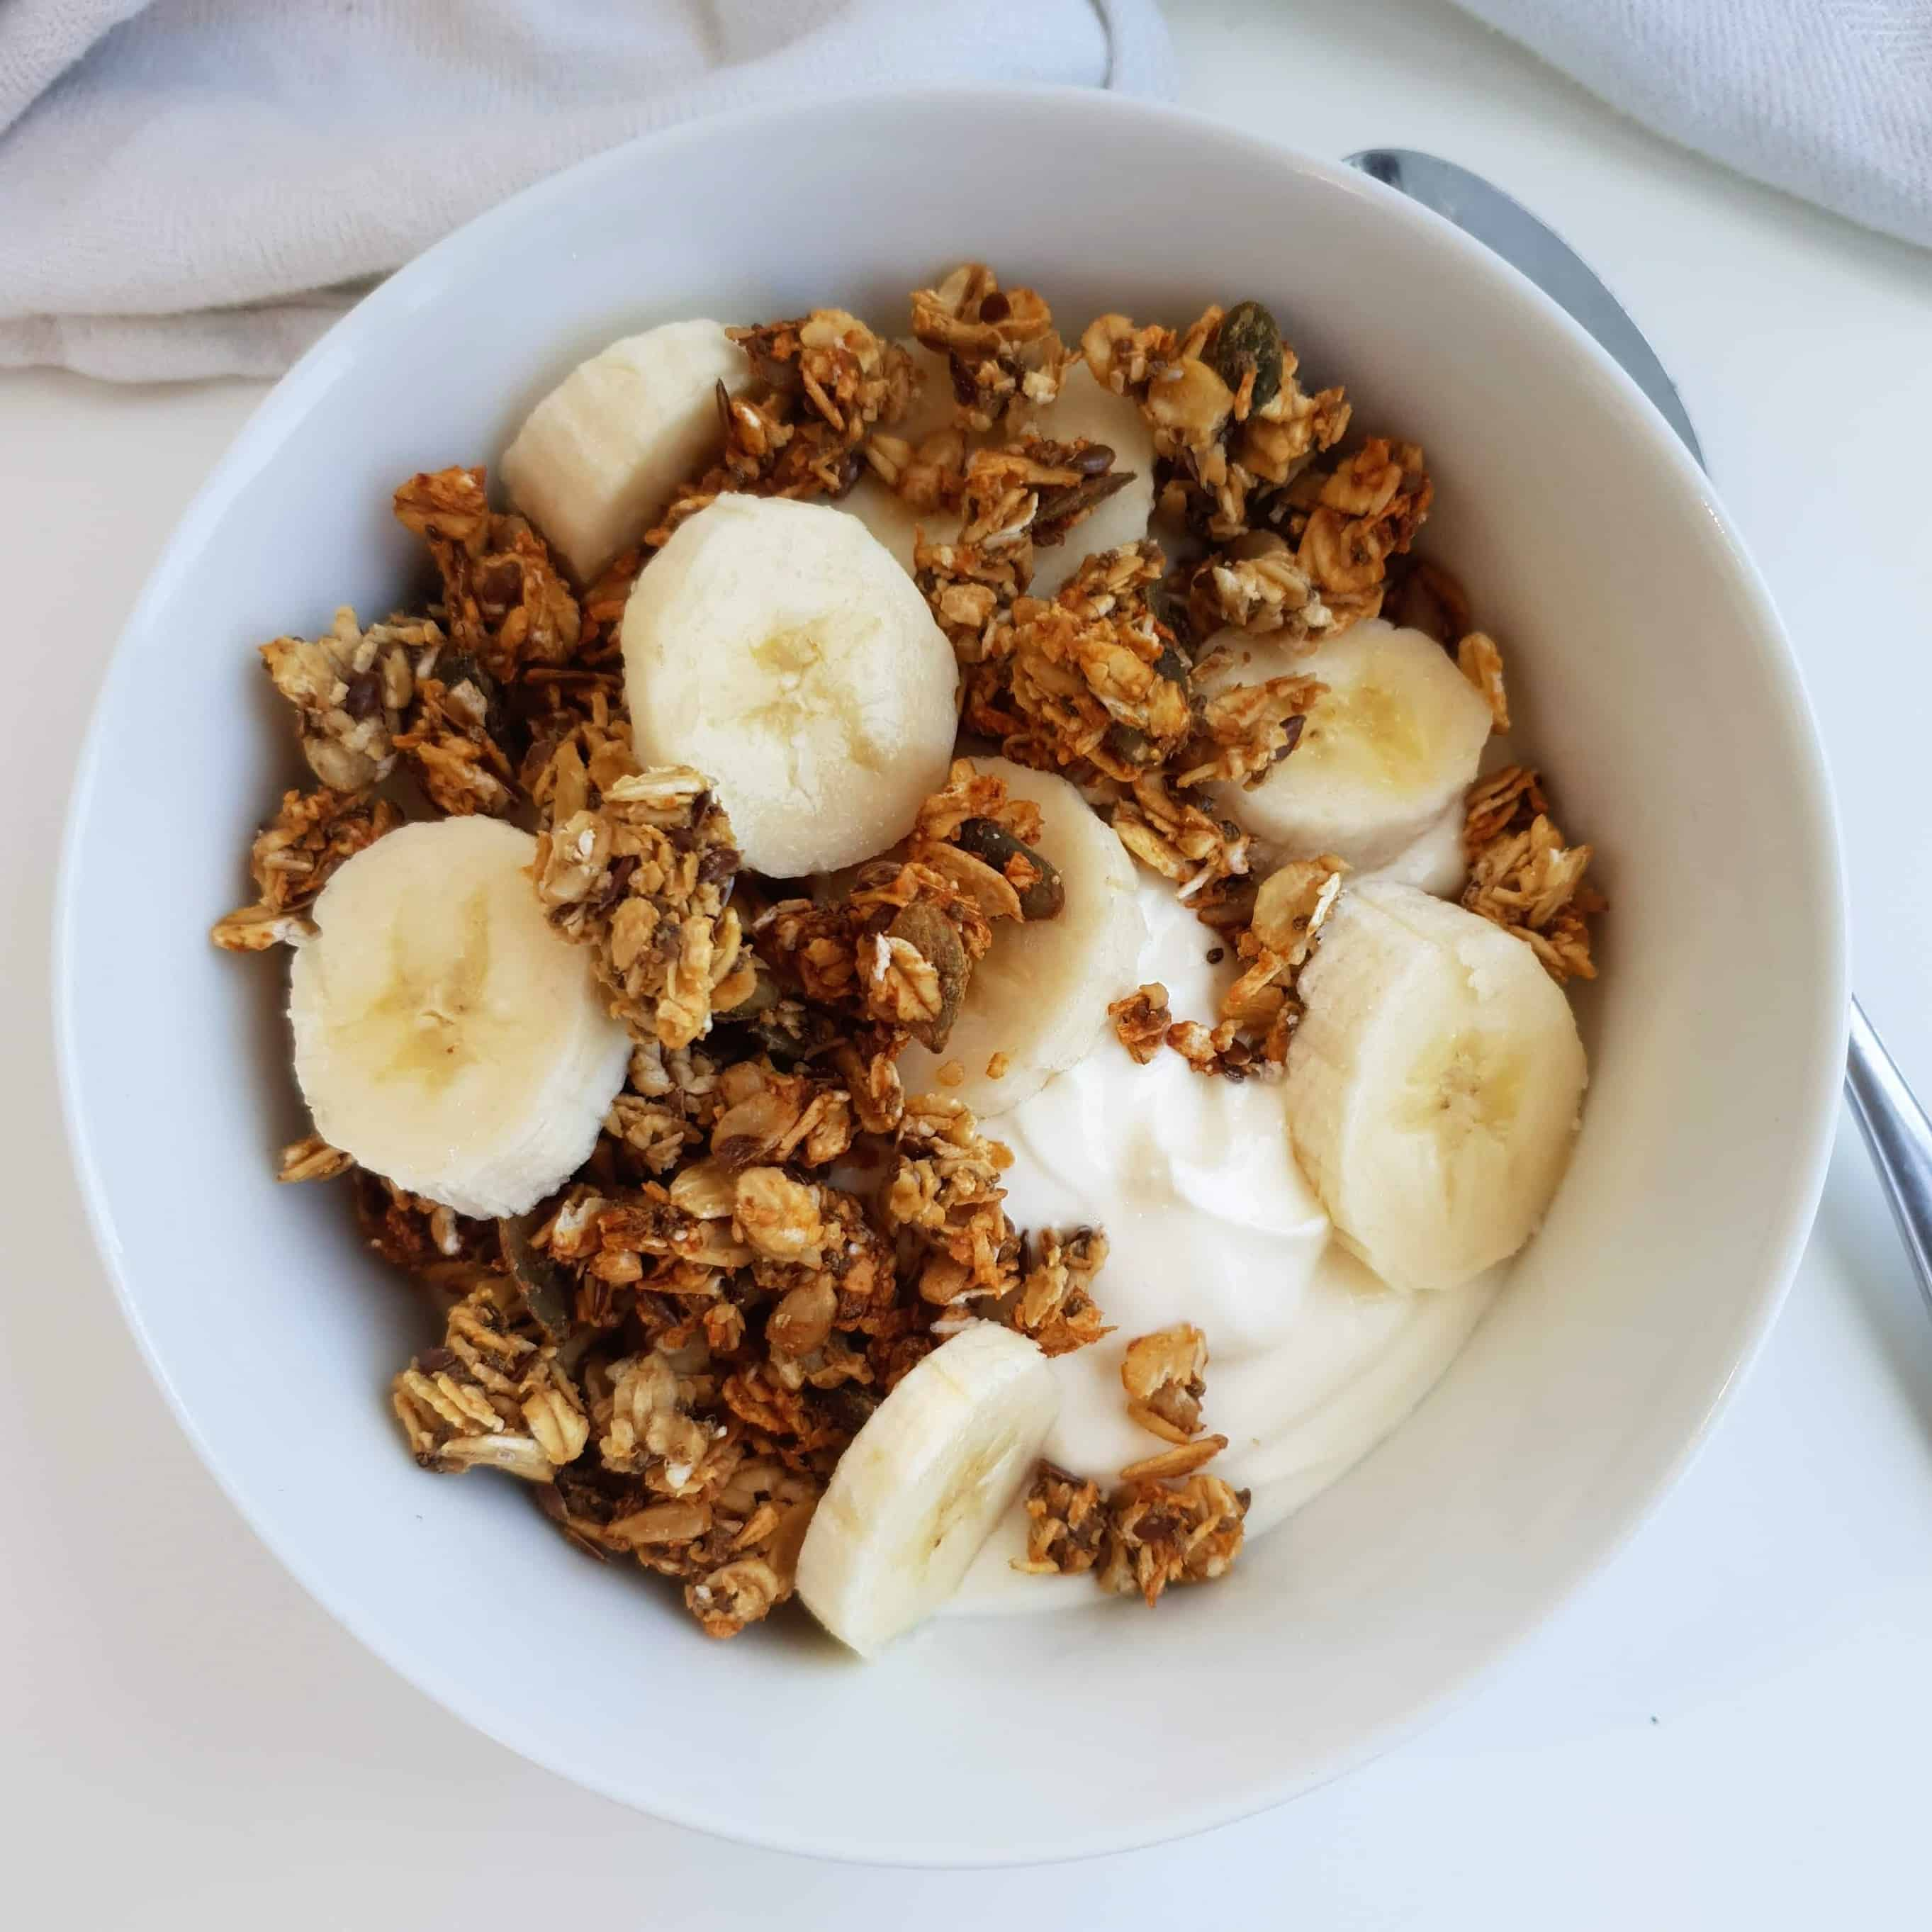 Her får du opskriften på en lækker velsmagende granola sødet med banan, uden tilsat sukker. Brug din hverdagsgranola som crunchy topping på din morgenmad, f.eks. på smoothie, yoghurt eller grød. Nyd den med god samvittighed, for din granola er fyldt med gode sager - find opskriften, gratis download, print og inspiration til årets gang på danishthings.com #DanishThings #granola #banan #sukkerfri #nem #hverdag #morgenmad #bagt #mysli #fuldkorn #protein